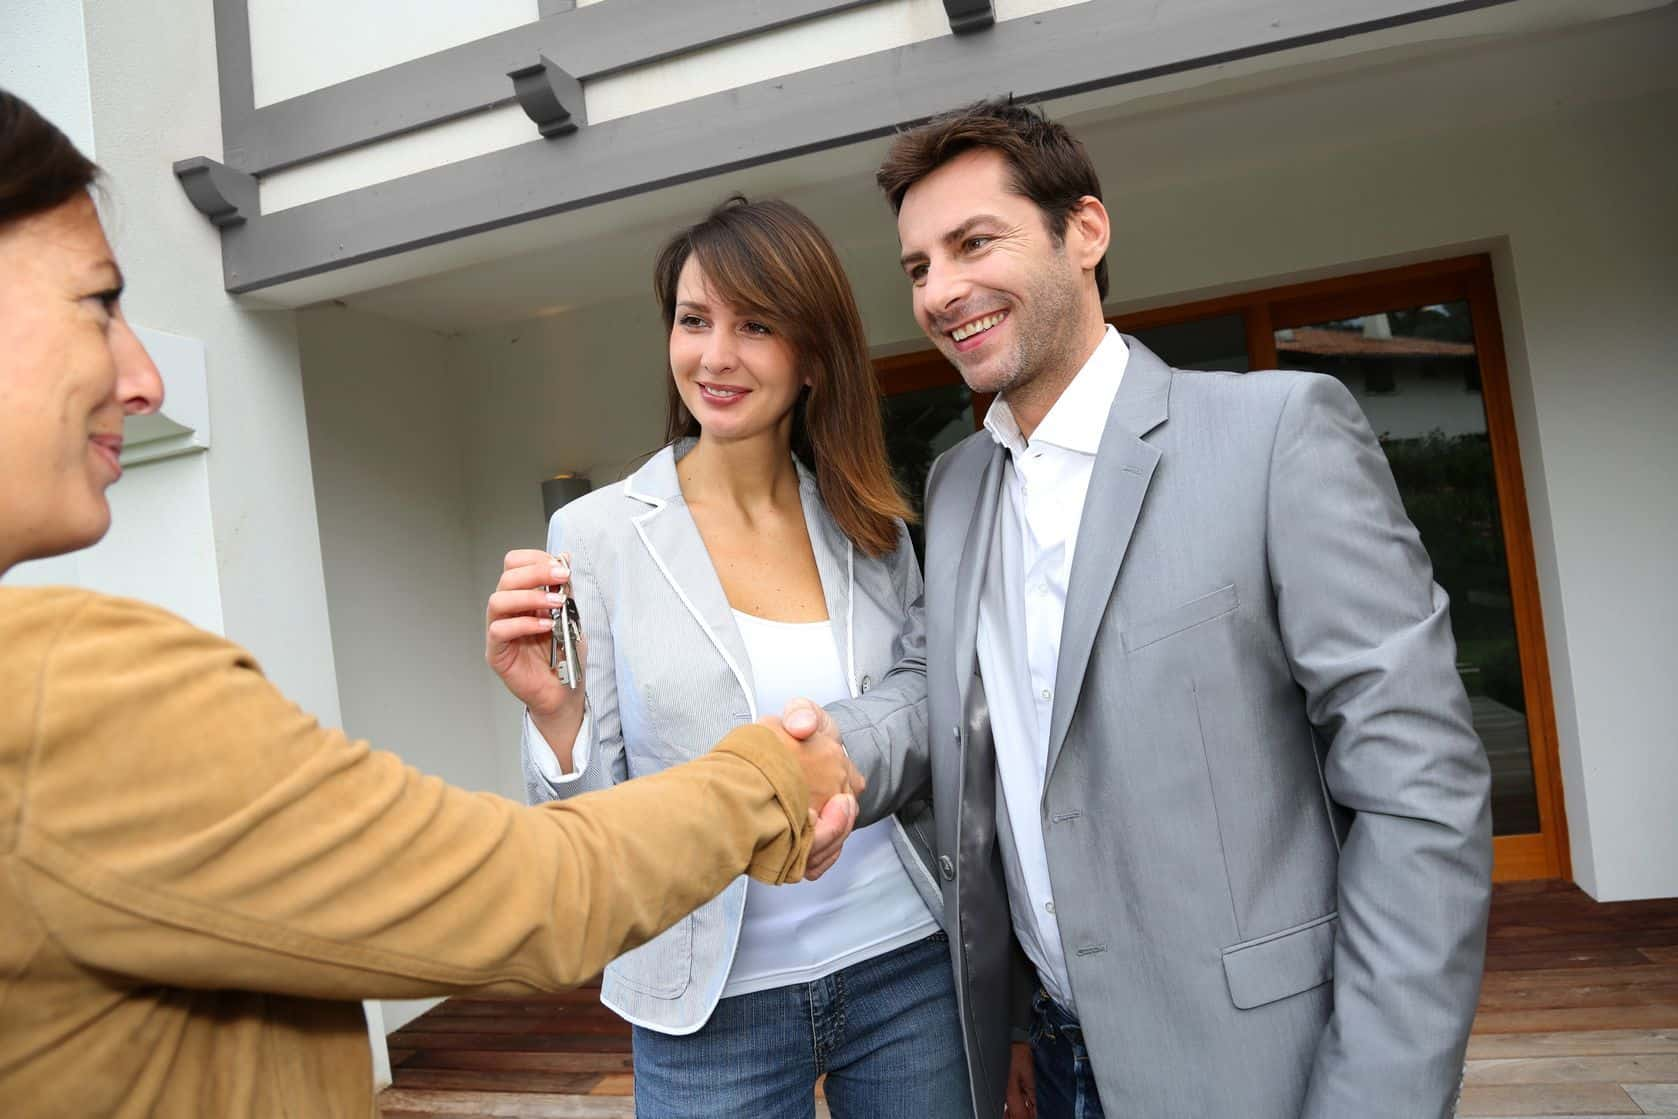 Huis verkopen in 7 stappen 4